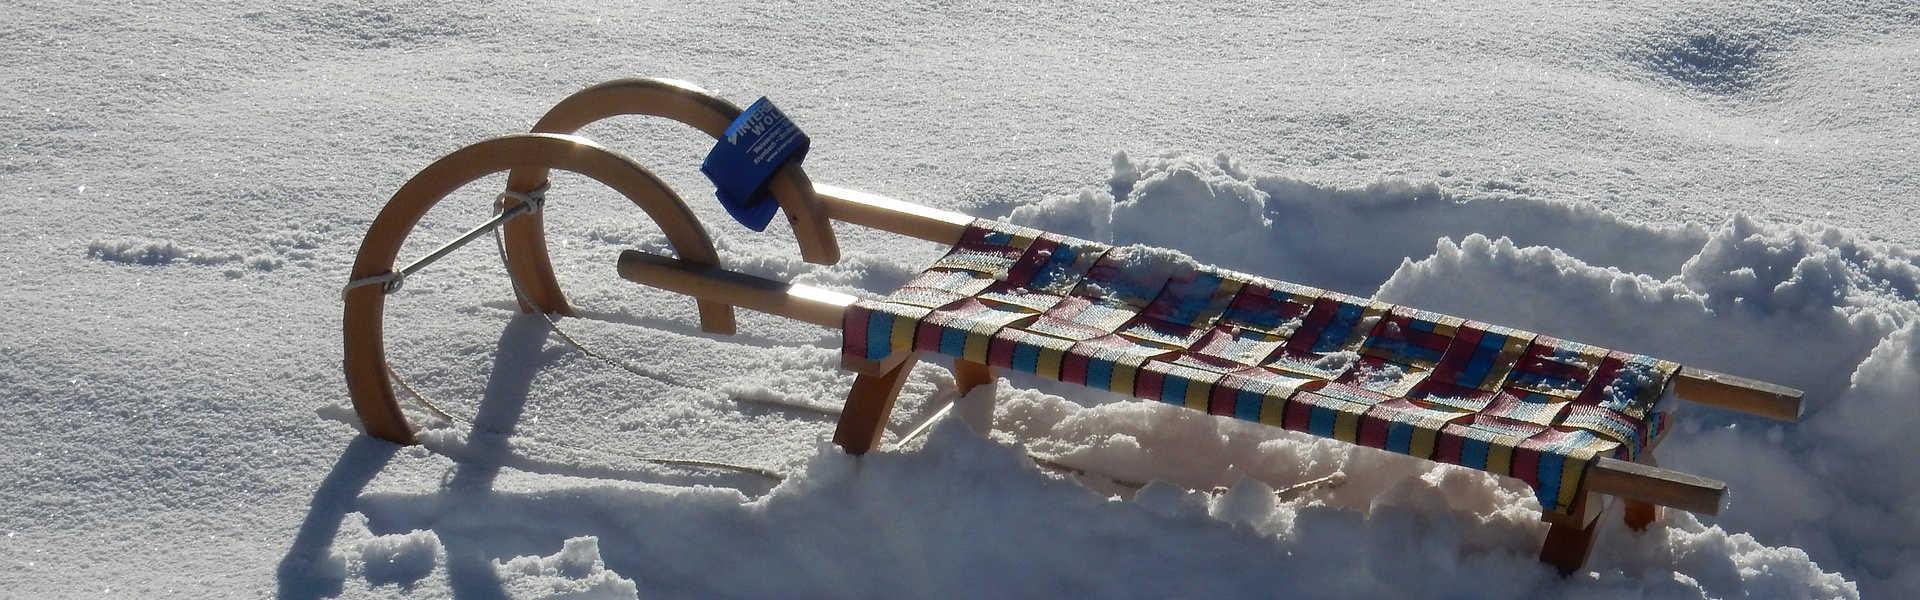 Freizeit - Winterfreizeit - Rodeln - Headerbild